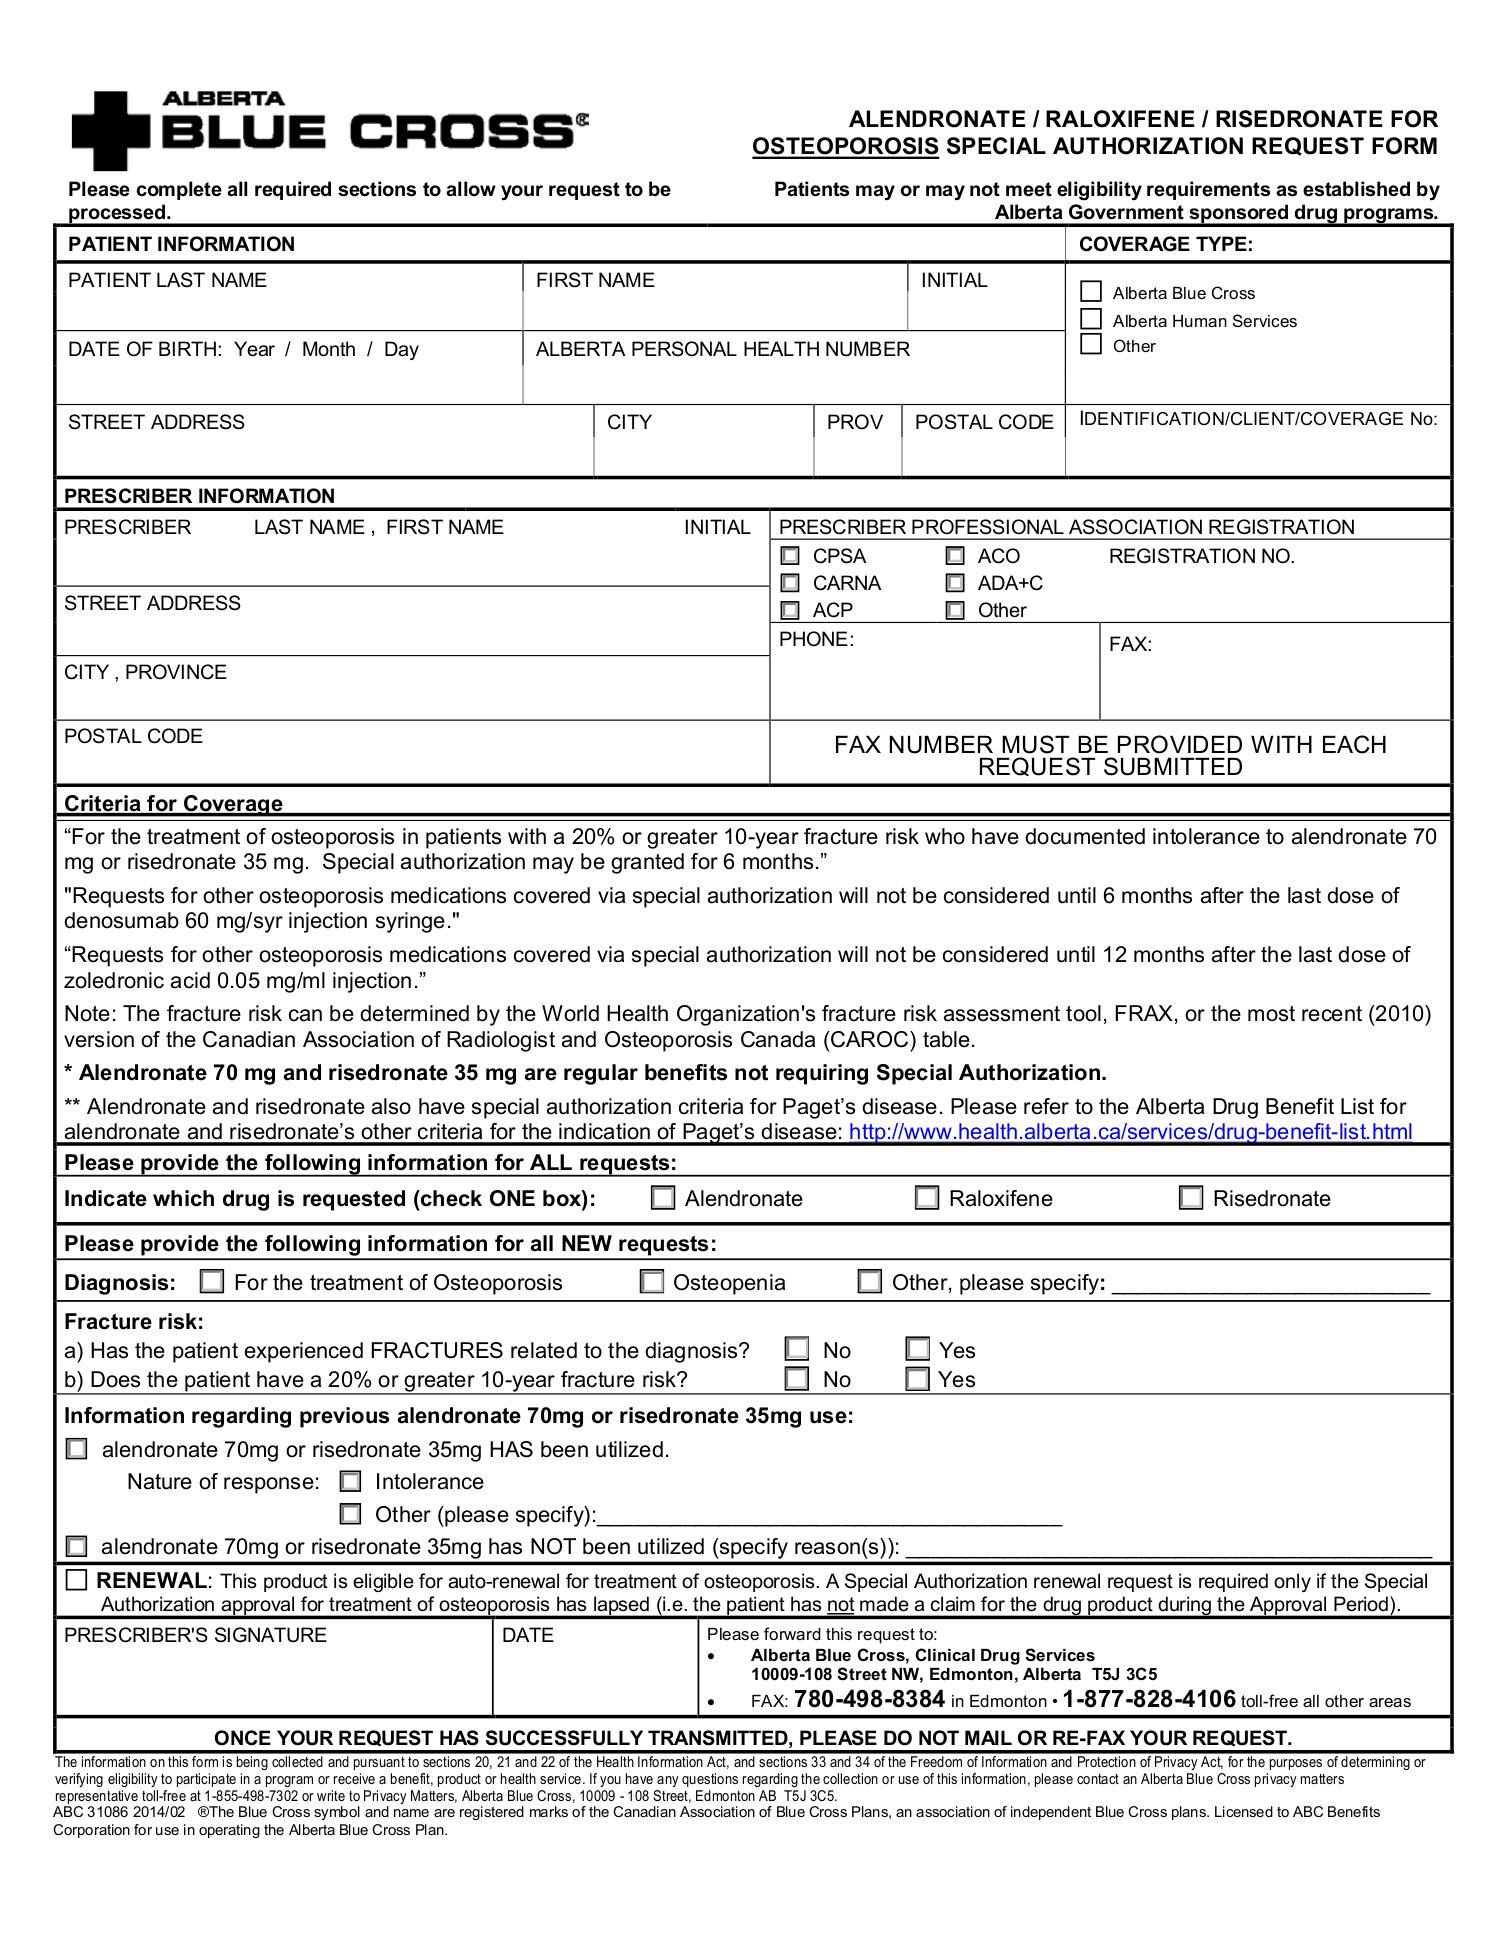 Authorization Request Form | Alberta Blue Cross Alendronate Raloxifene Risedronate For